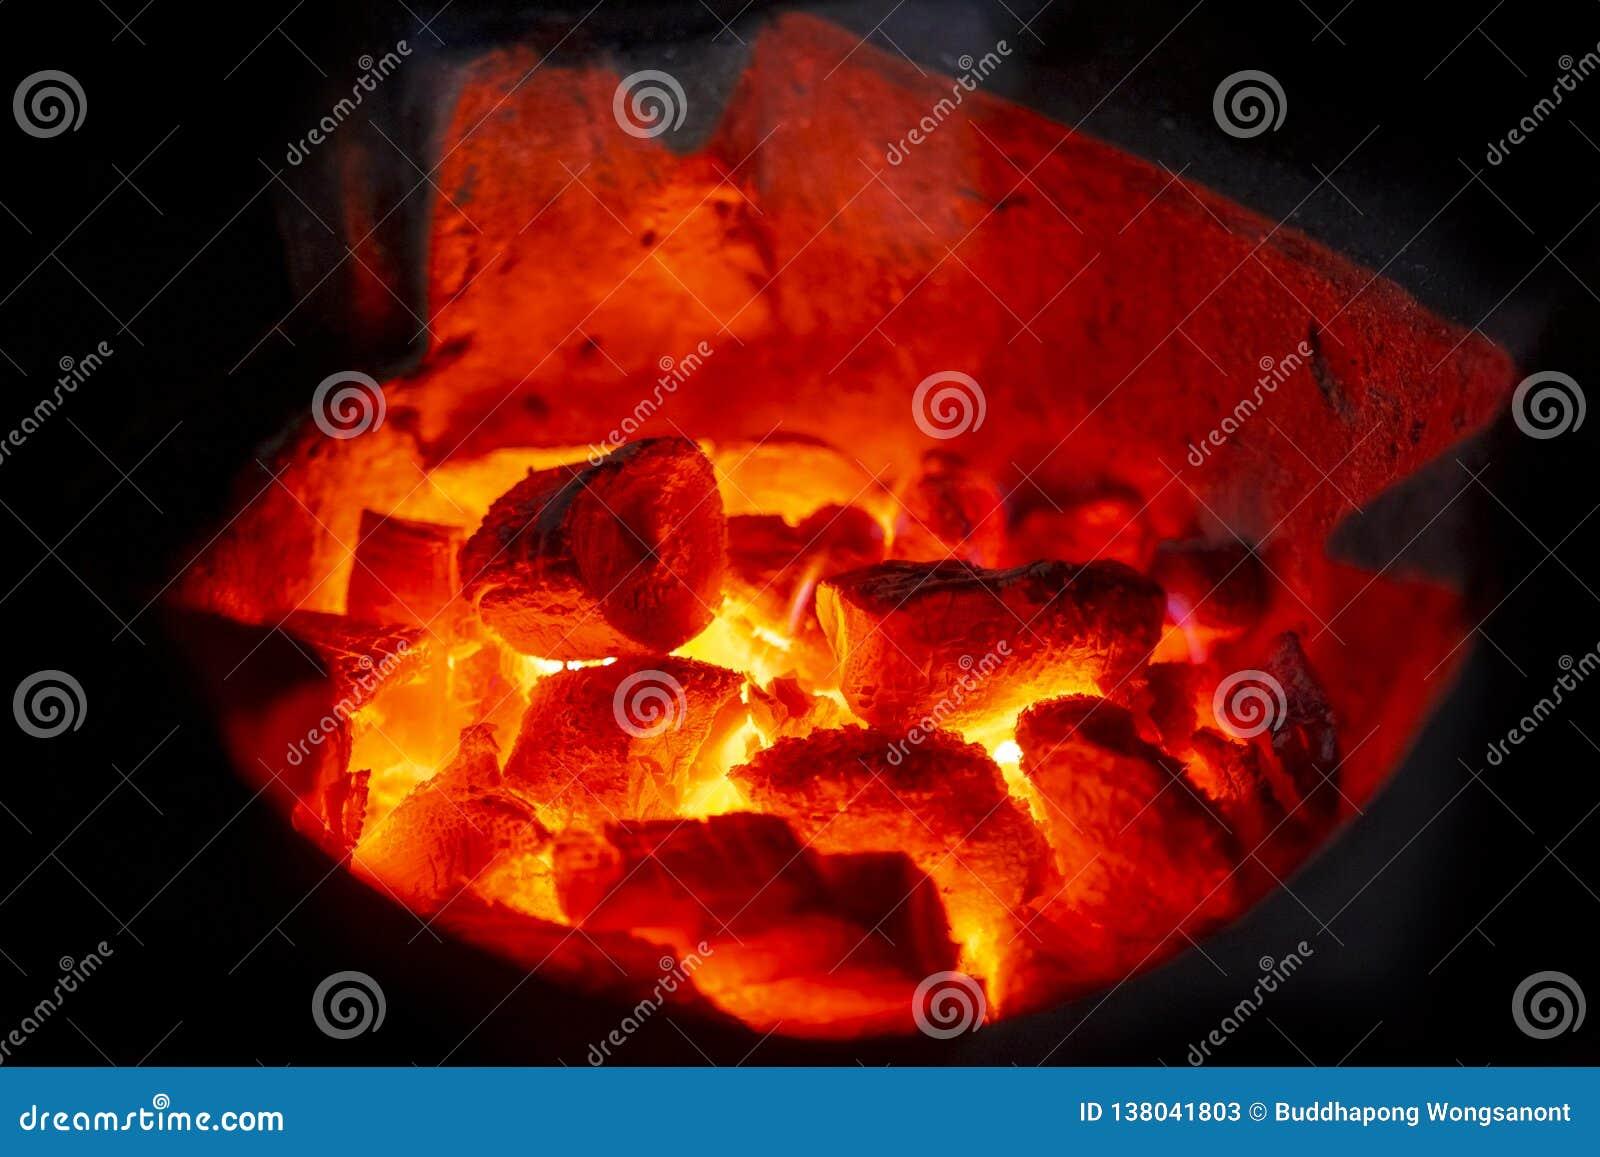 Close-upschot van houtskool het branden gloed in een fornuis